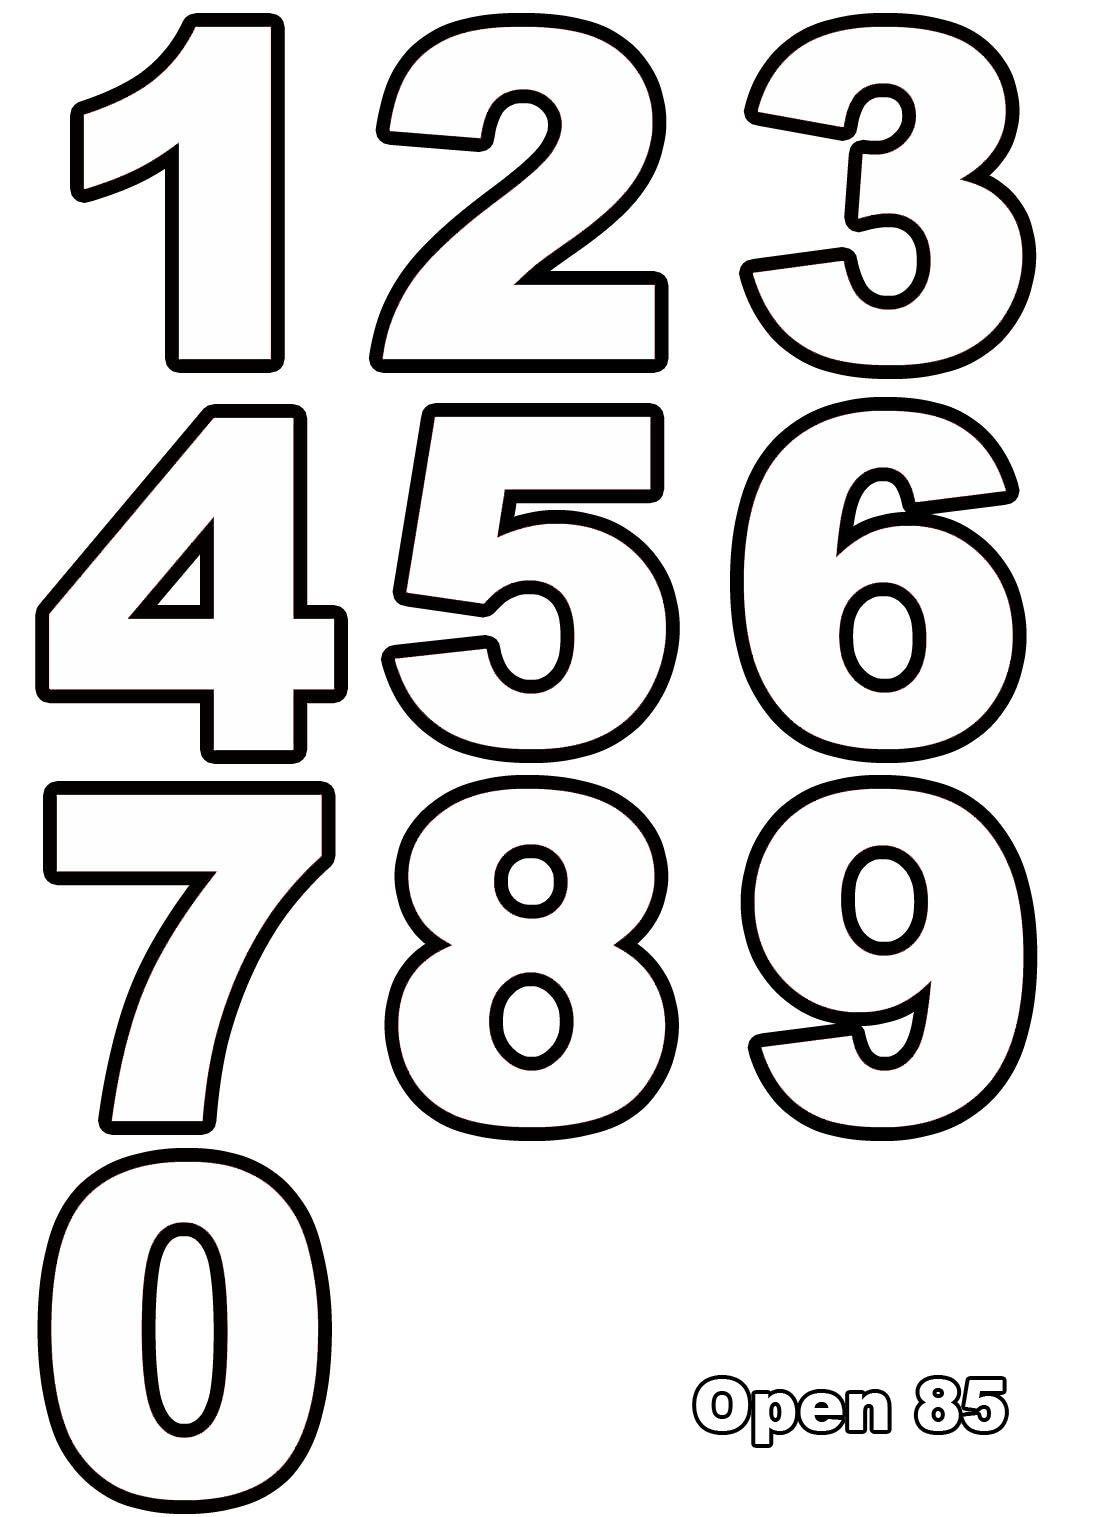 ausmalen nummern | ausmalbilder | Pinterest | Ausmalen, Ausmalbilder ...